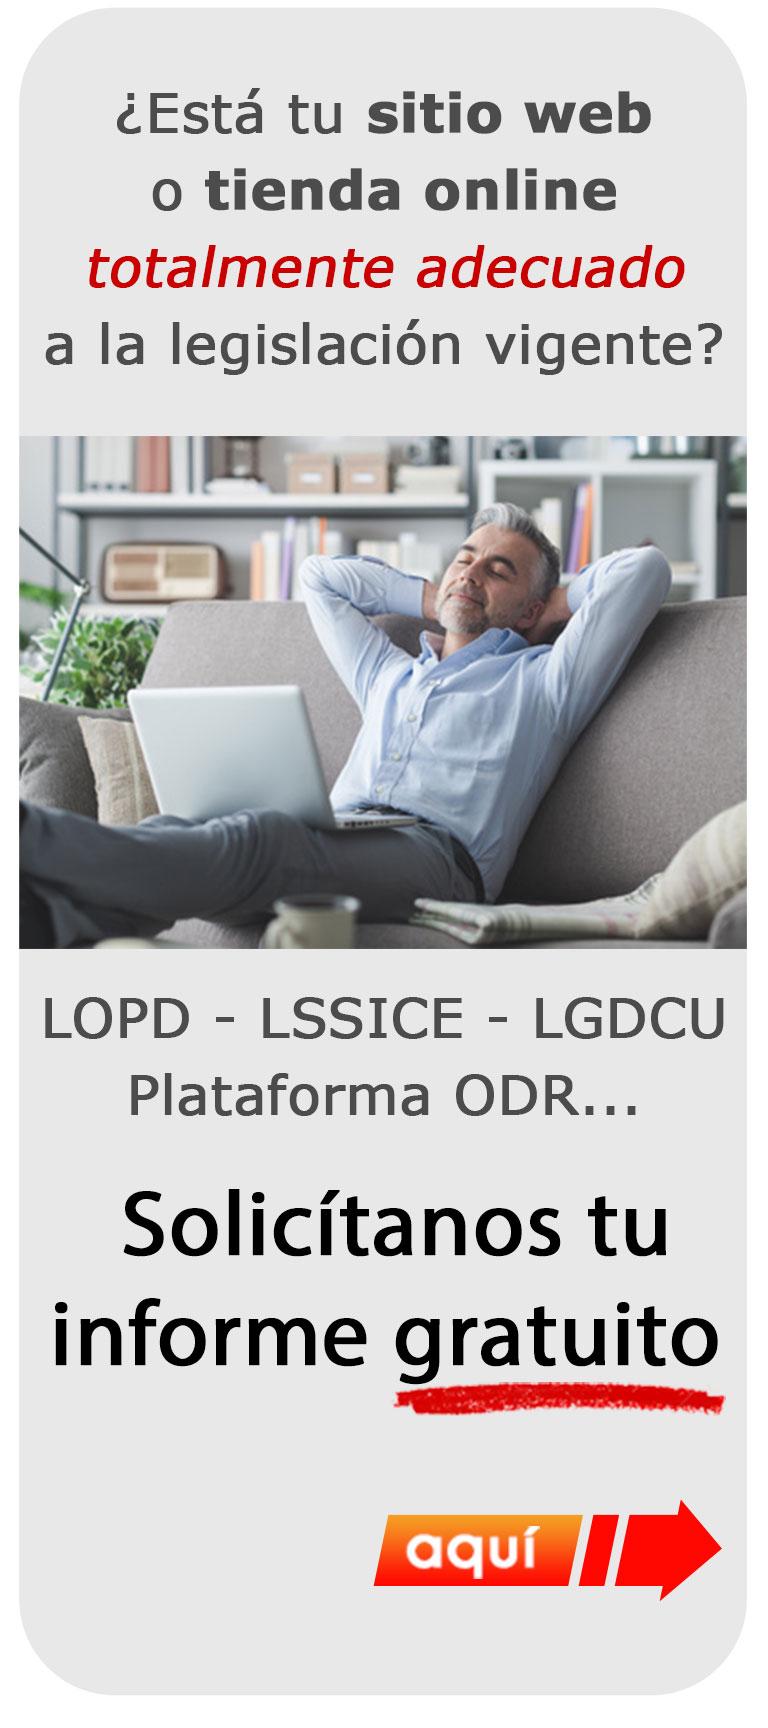 Asesoría legal web - Informe gratuito